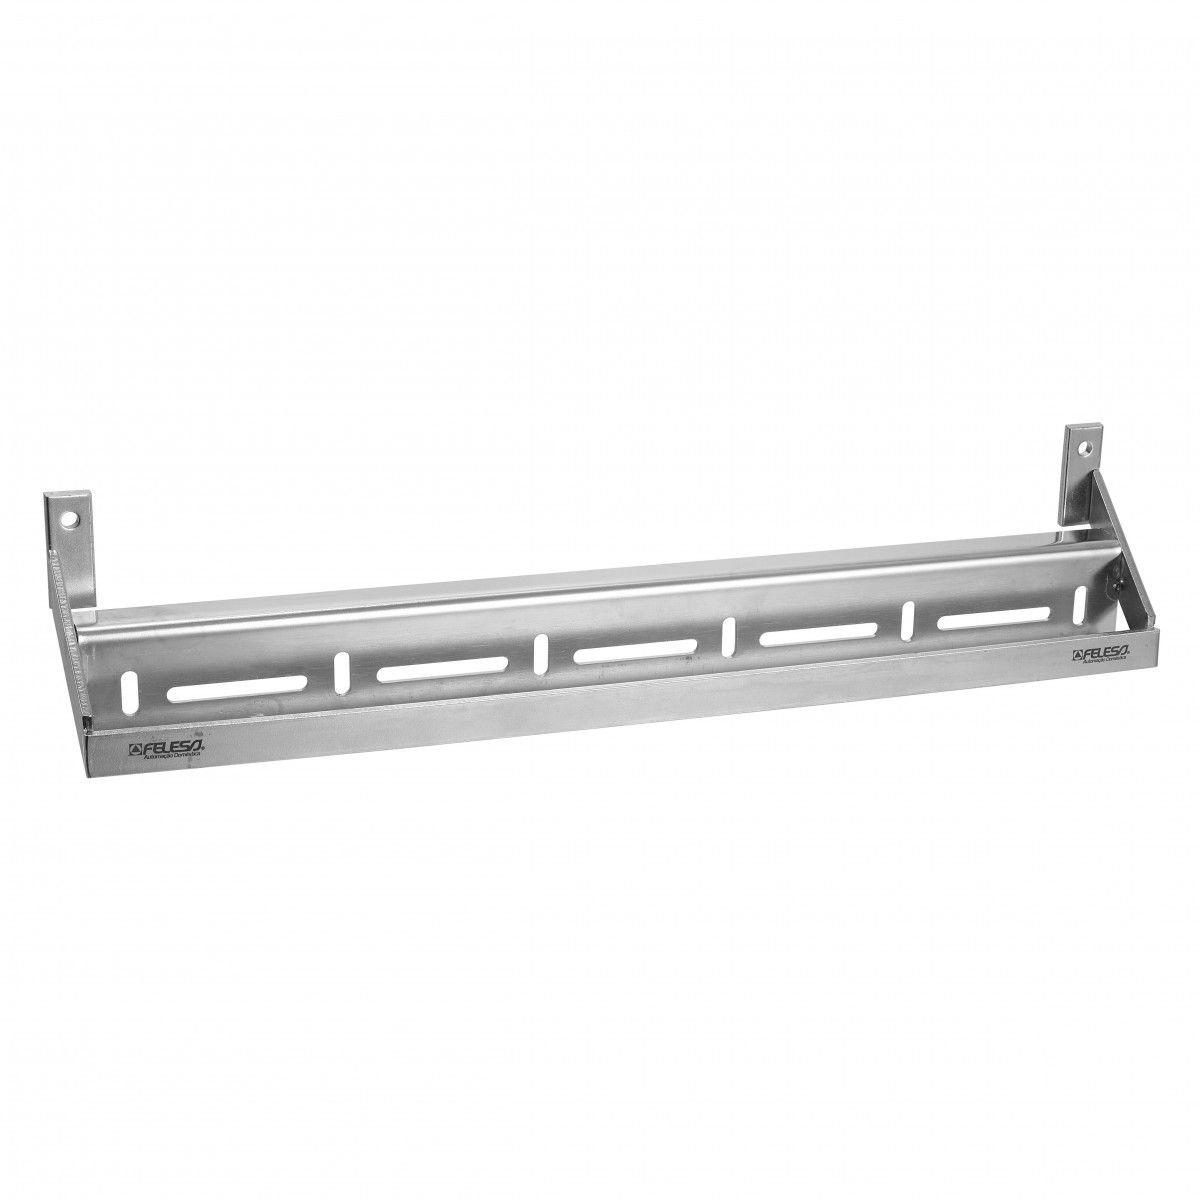 Suporte Traseiro para Espetos Tipo Alavanca 500 mm - Felesa - Inox AISI 304